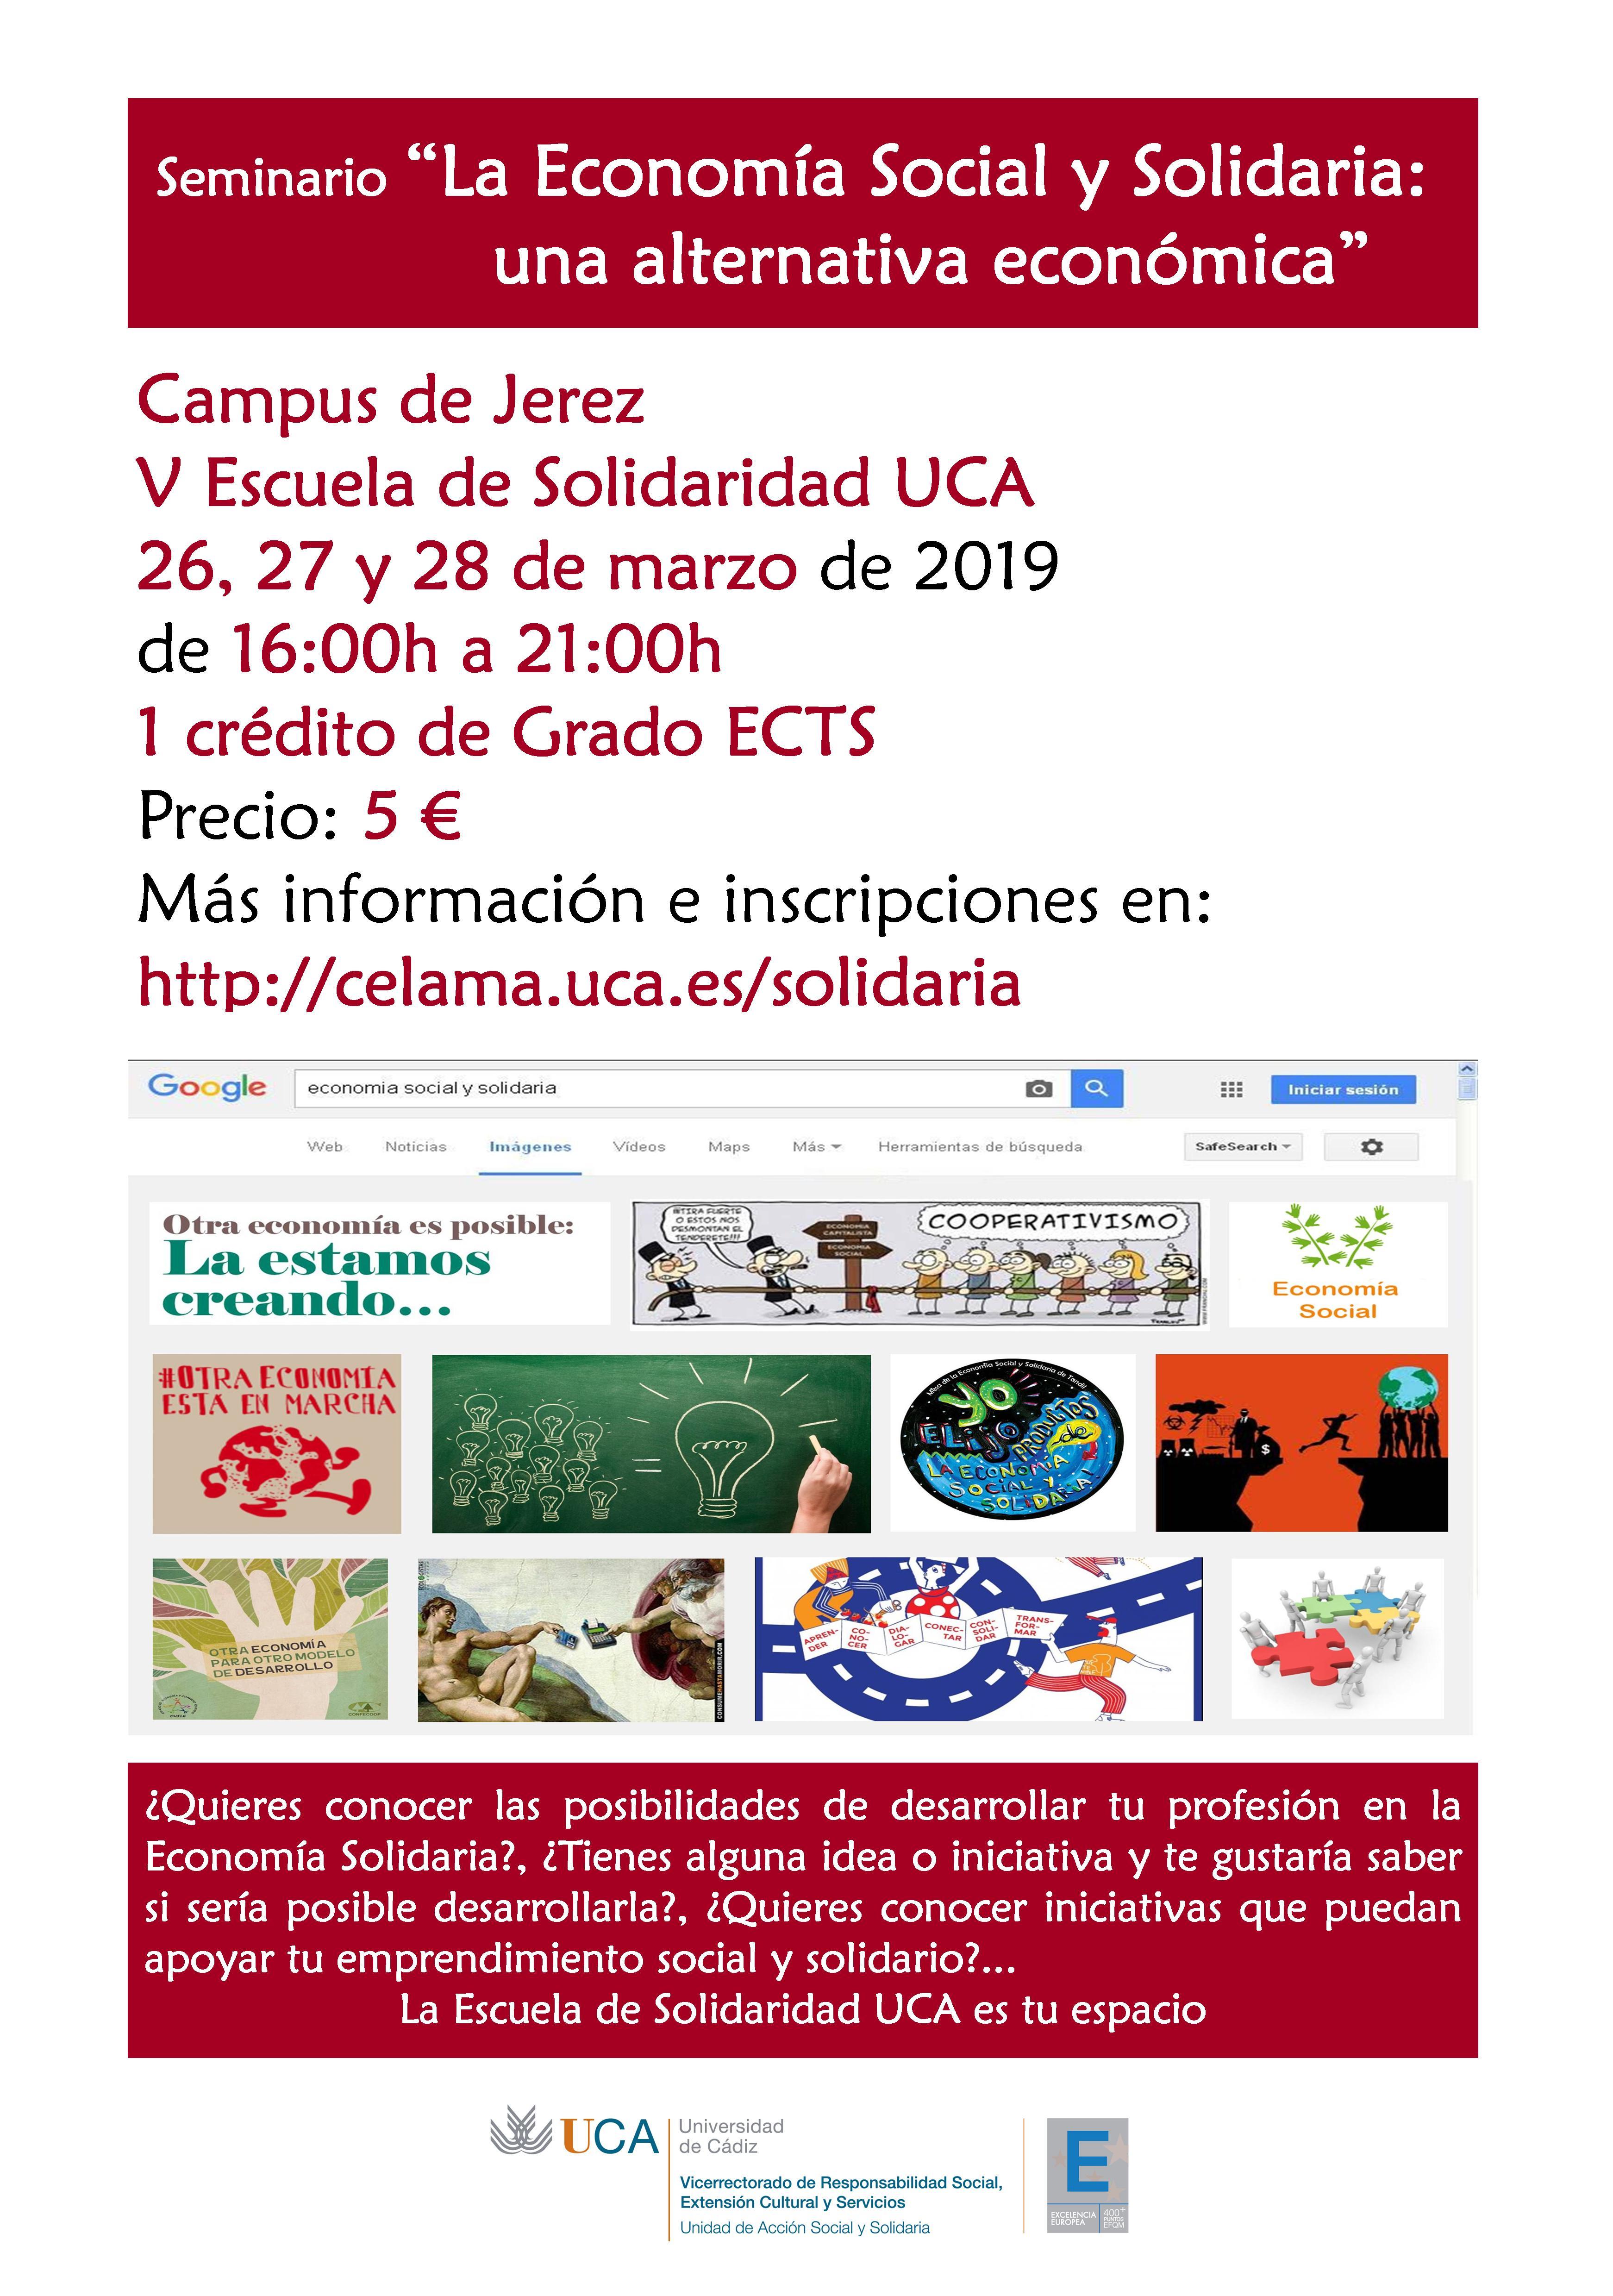 """Campus de Jerez. Seminario """"La Economía Social y Solidaria: una alternativa económica"""". 26, 27 y 28 de marzo. V Escuela de Solidaridad UCA."""